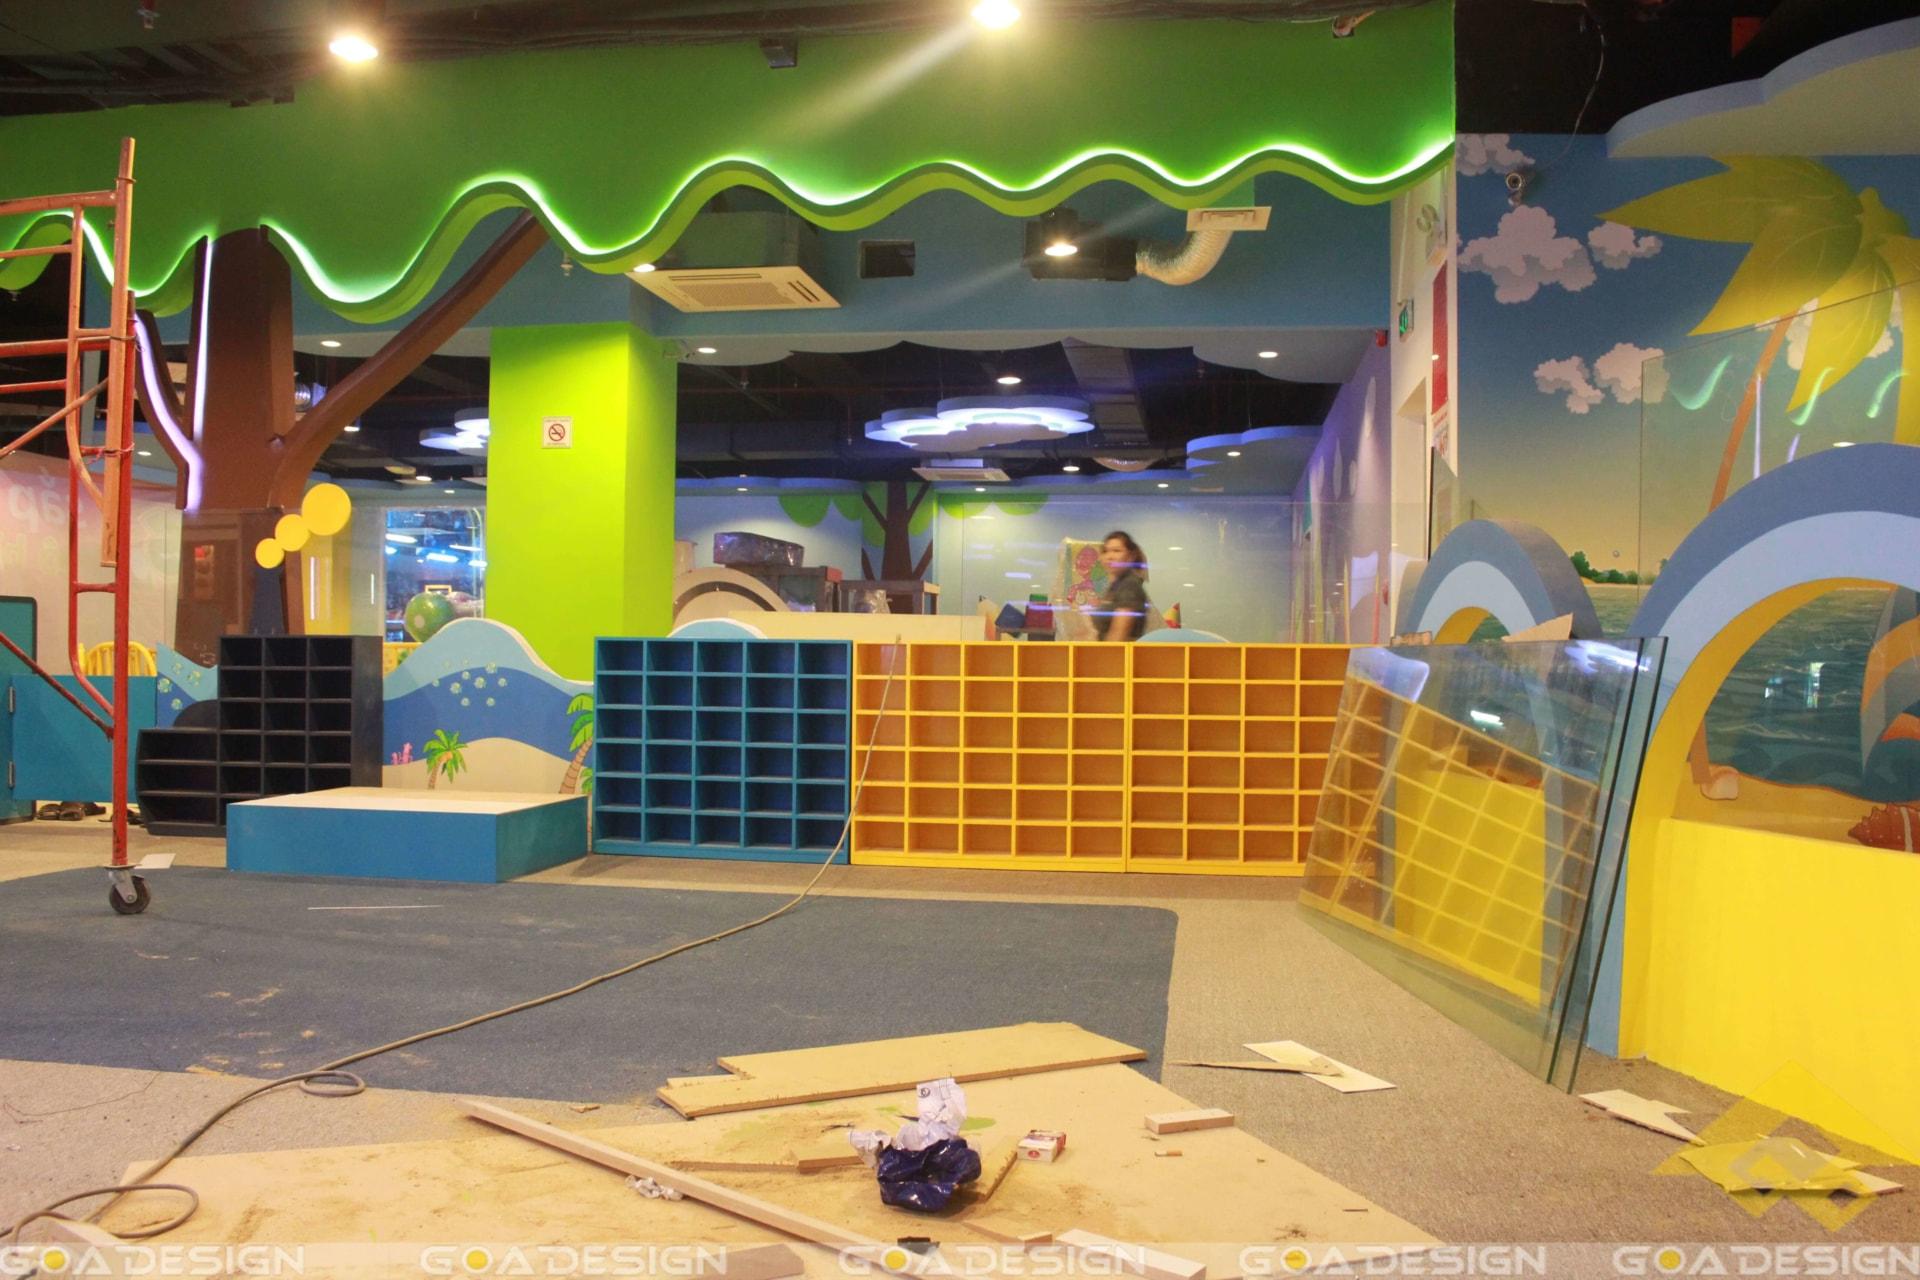 GOADESIGN Thiết kế khu vui chơi Kidzone Vũng Tàu (17)